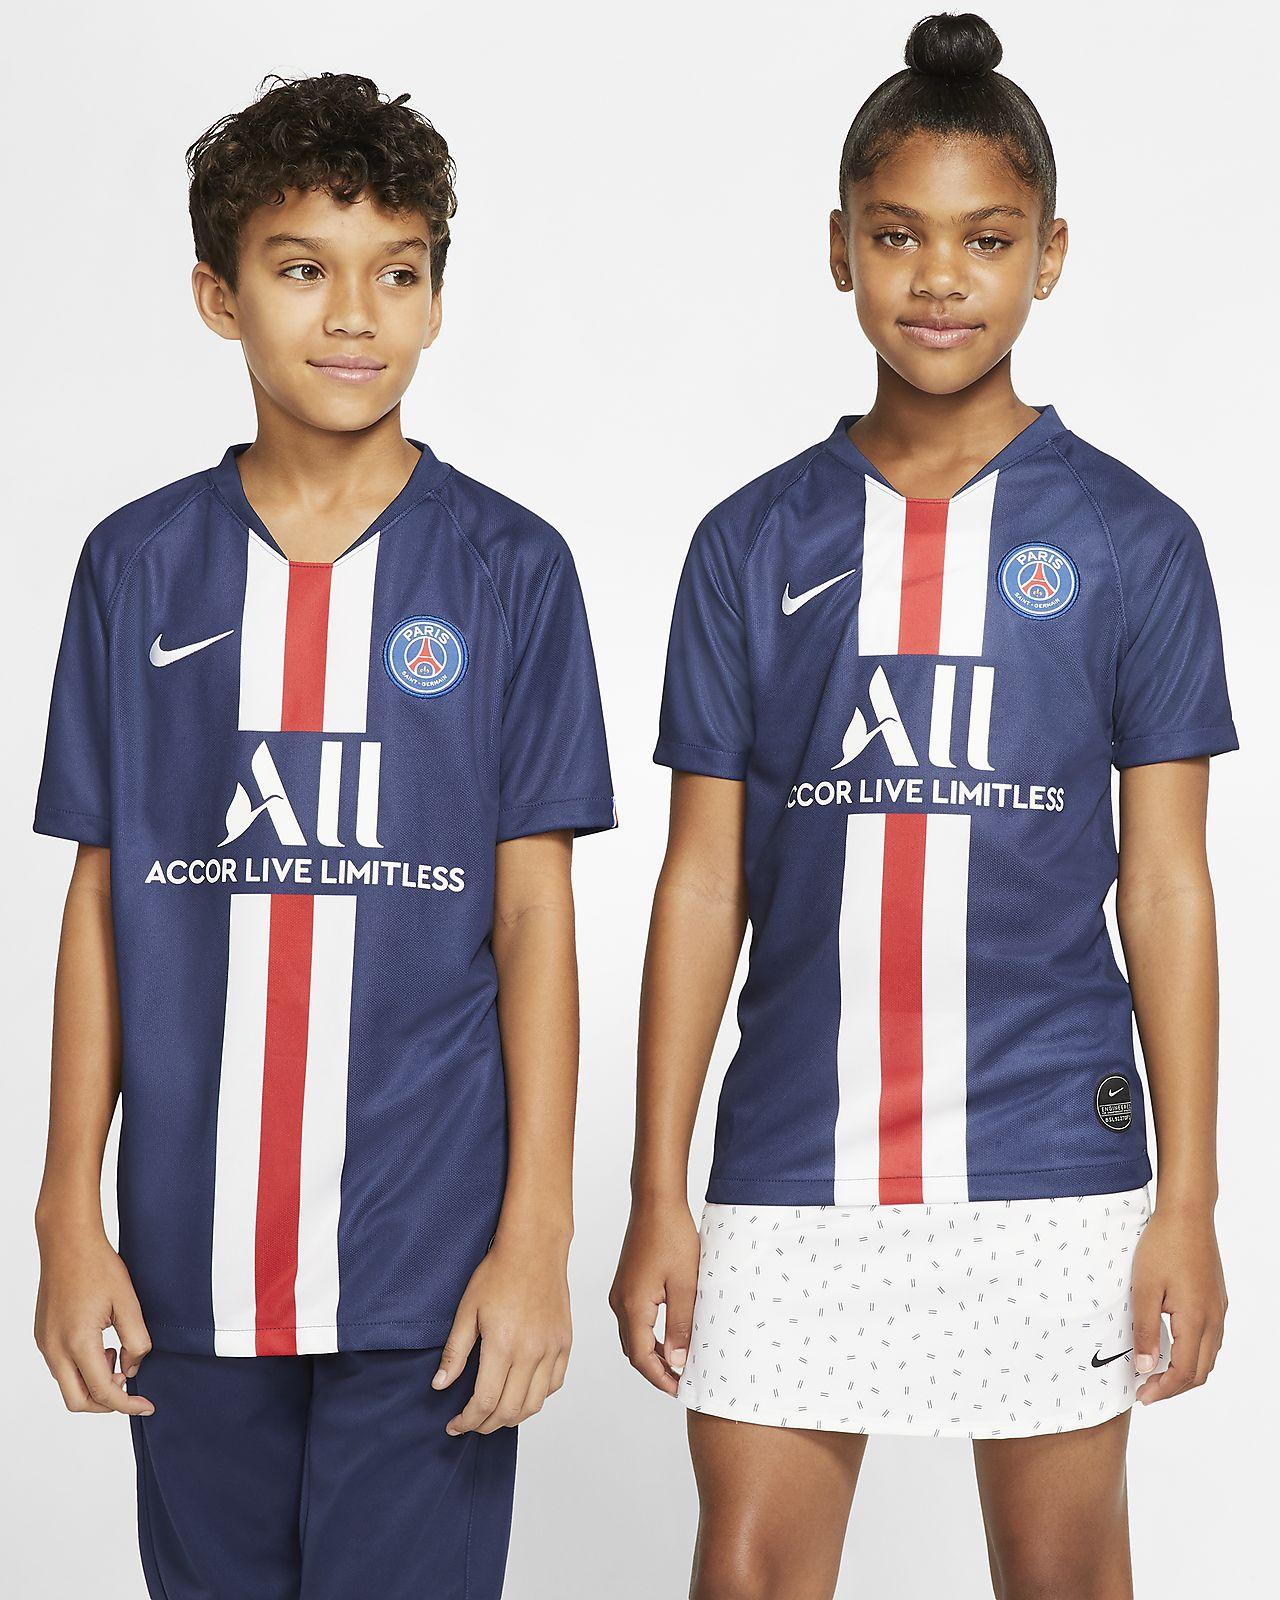 Ποδοσφαιρική φανέλα Paris Saint-Germain 2019/20 Stadium Home για μεγάλα παιδιά